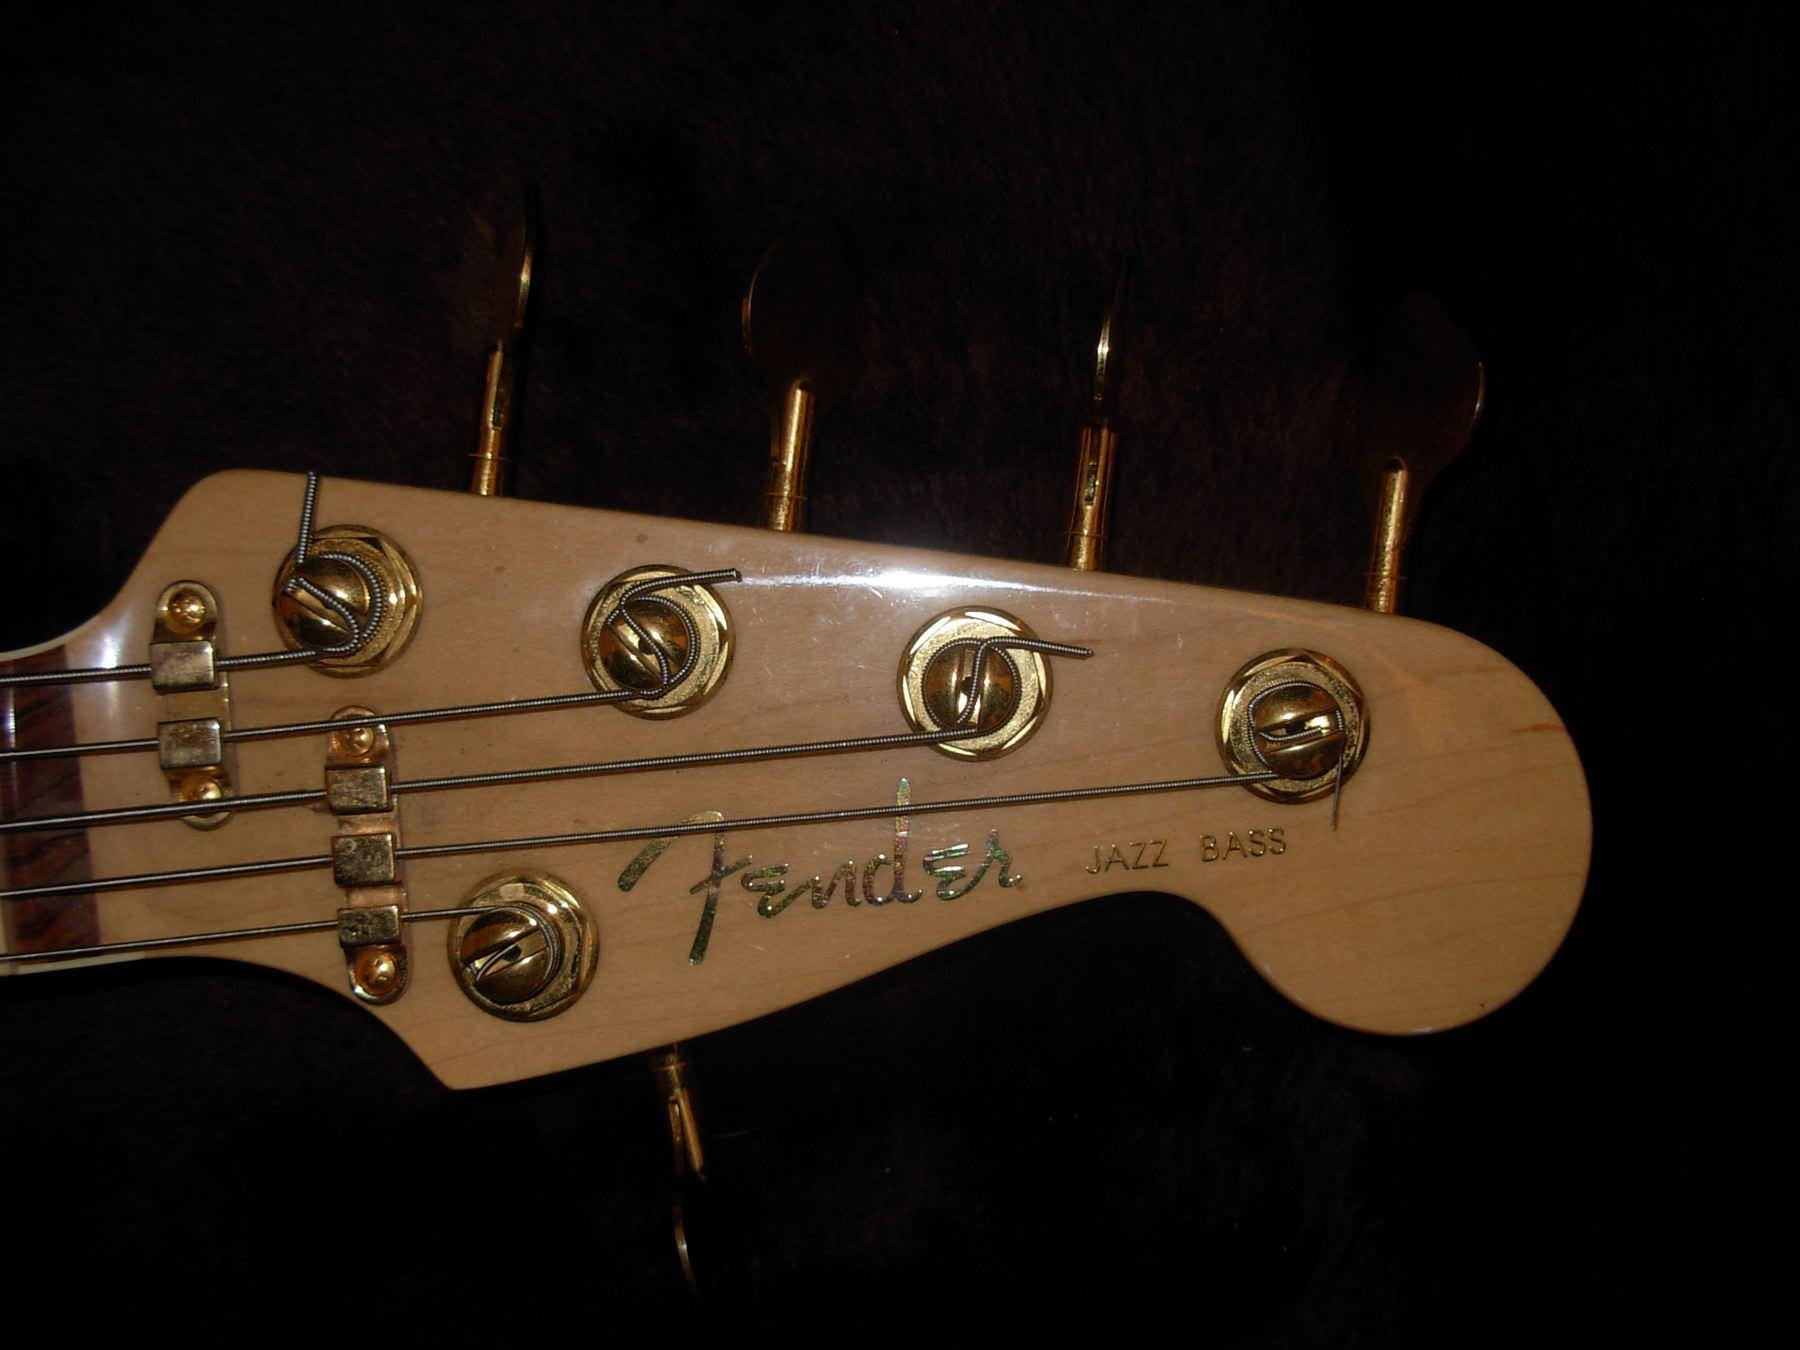 fender american deluxe jazz bass v fmt 2001 2003 image 289724 audiofanzine. Black Bedroom Furniture Sets. Home Design Ideas